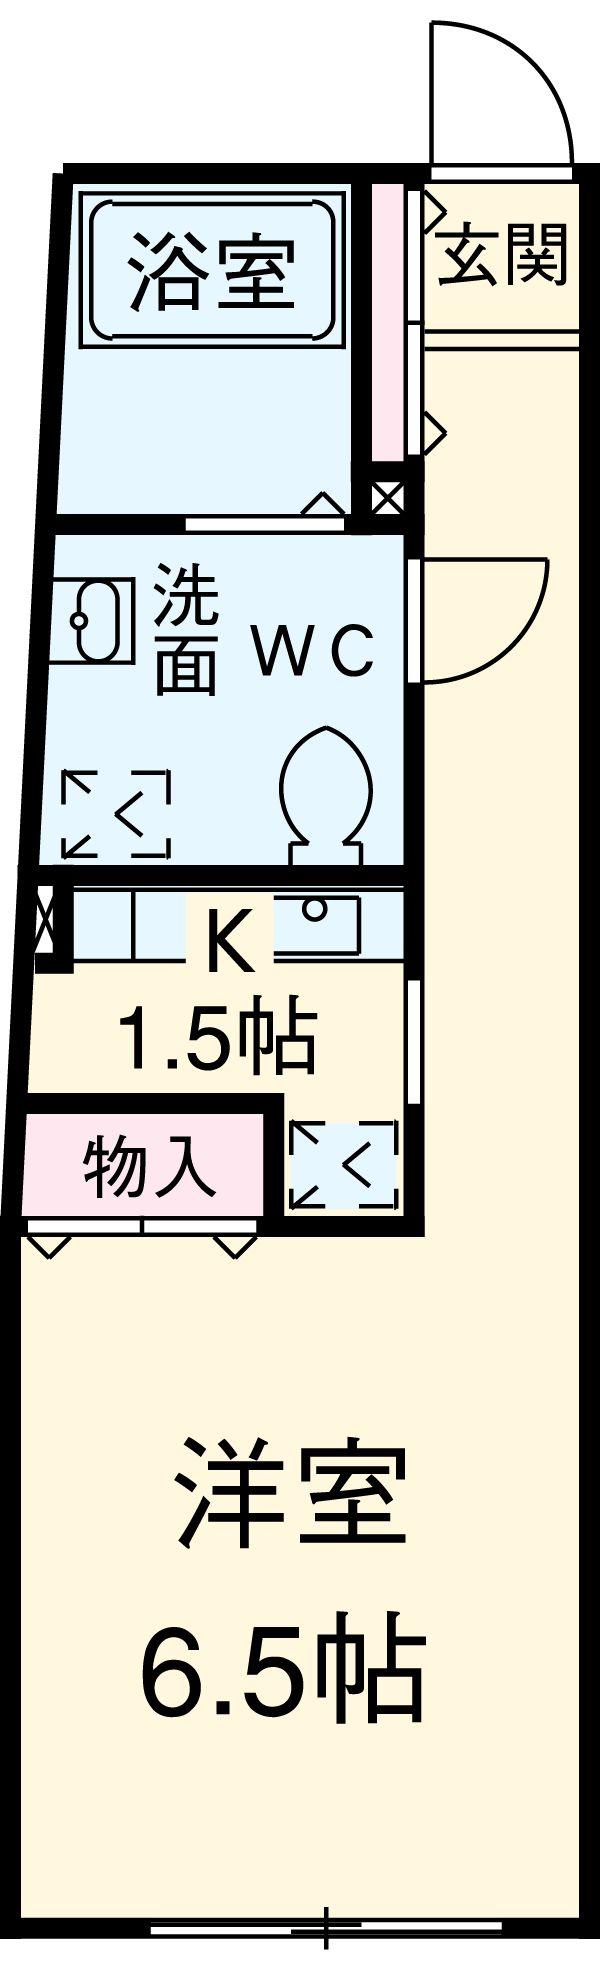 ZESTY駒澤大学Ⅱ 401号室の間取り